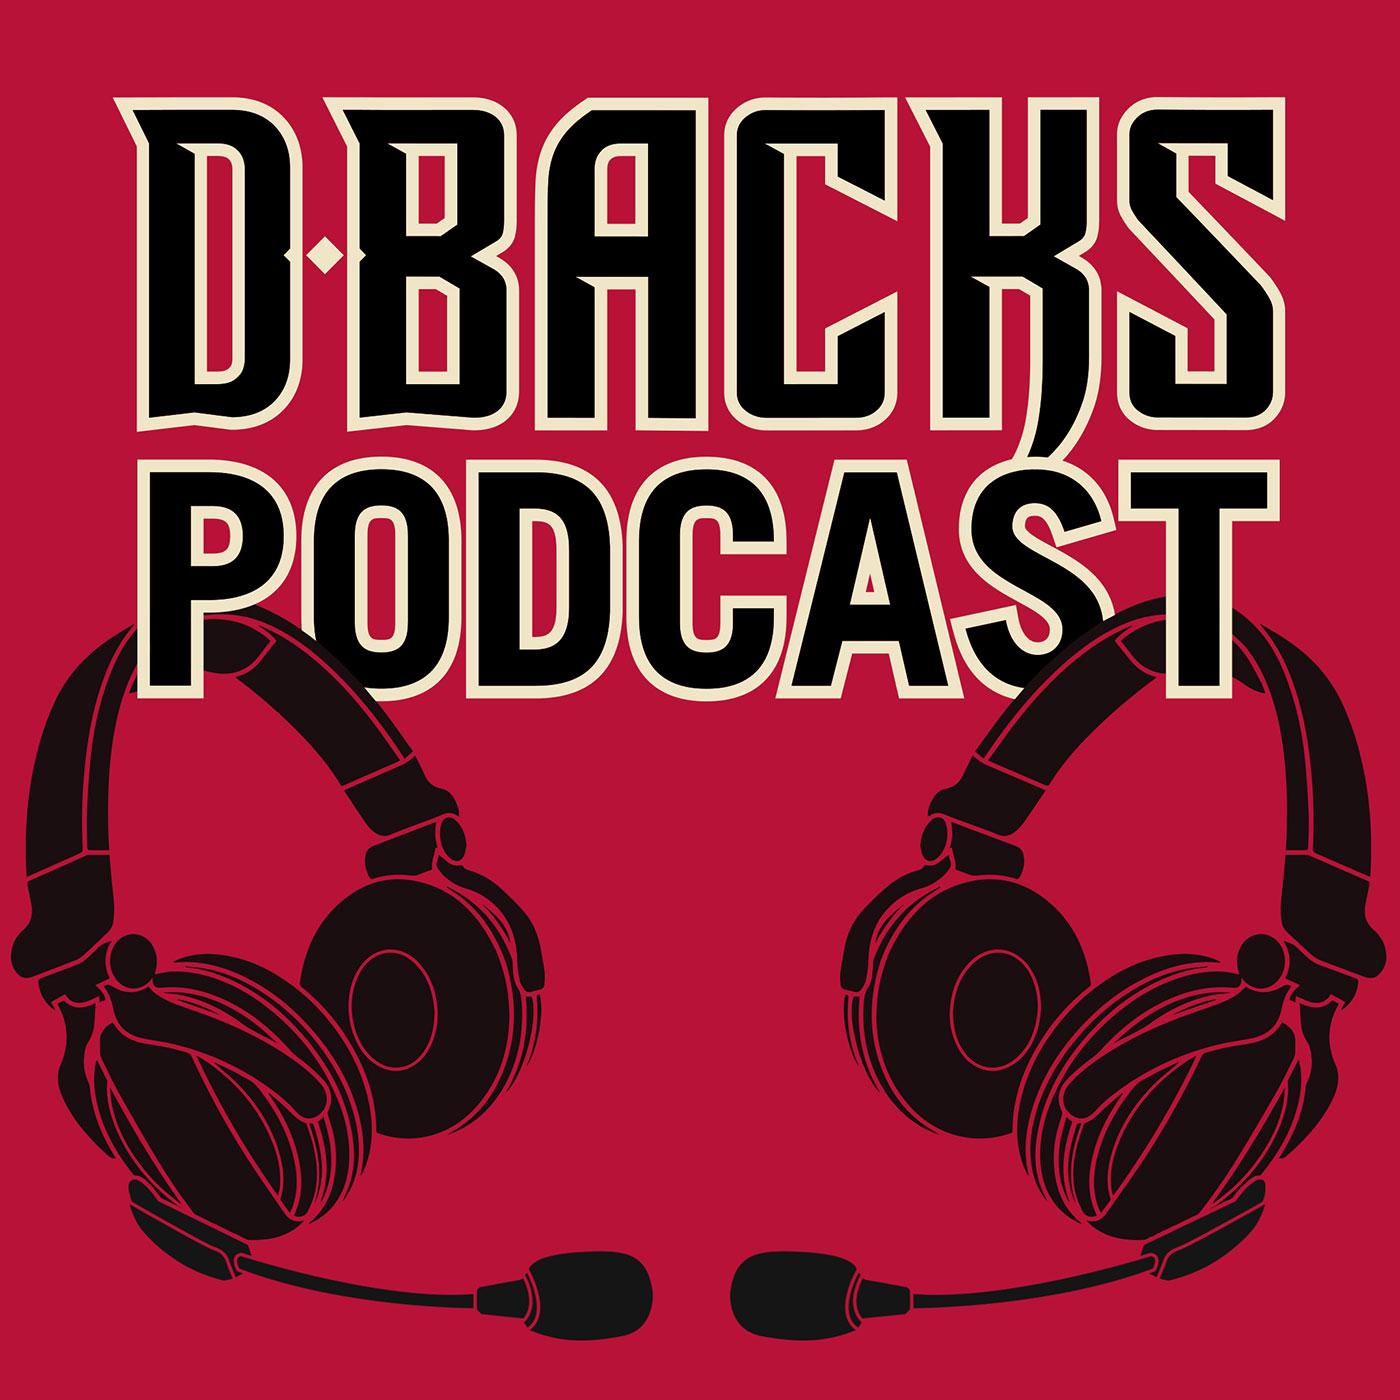 <![CDATA[Arizona Diamondbacks Podcast]]>